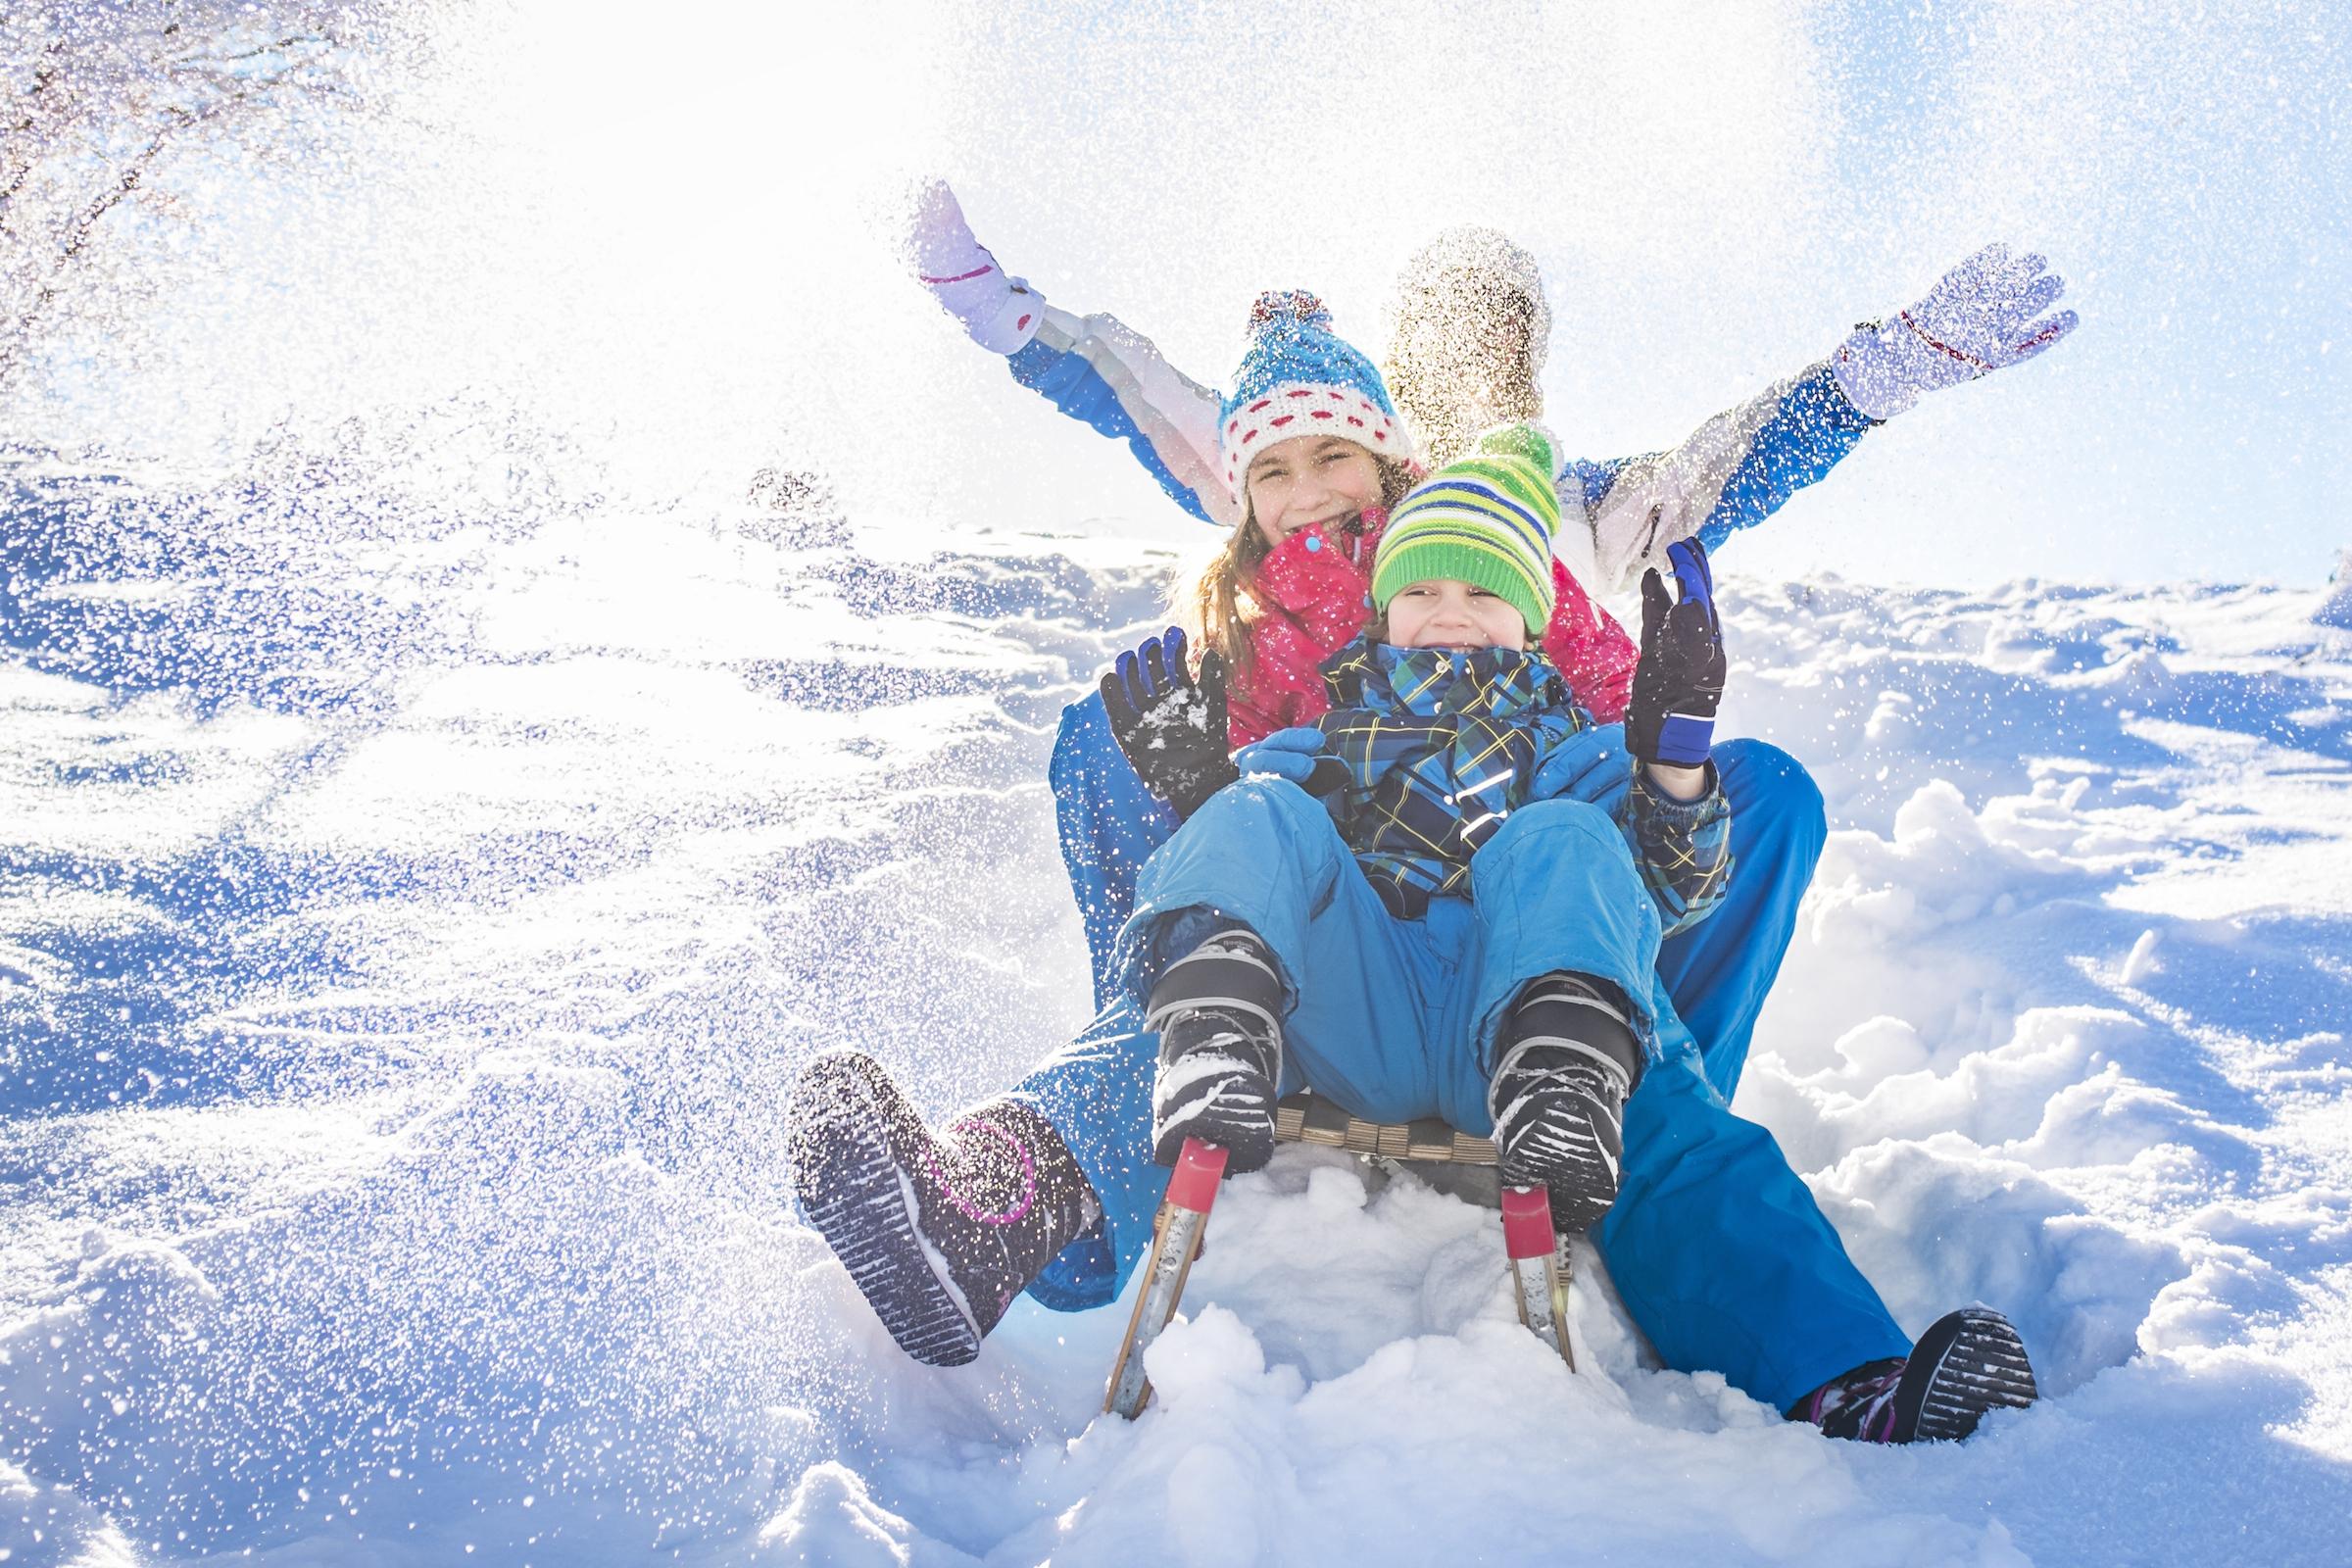 Winter Play And Special Savings Make Tenaya Lodge At